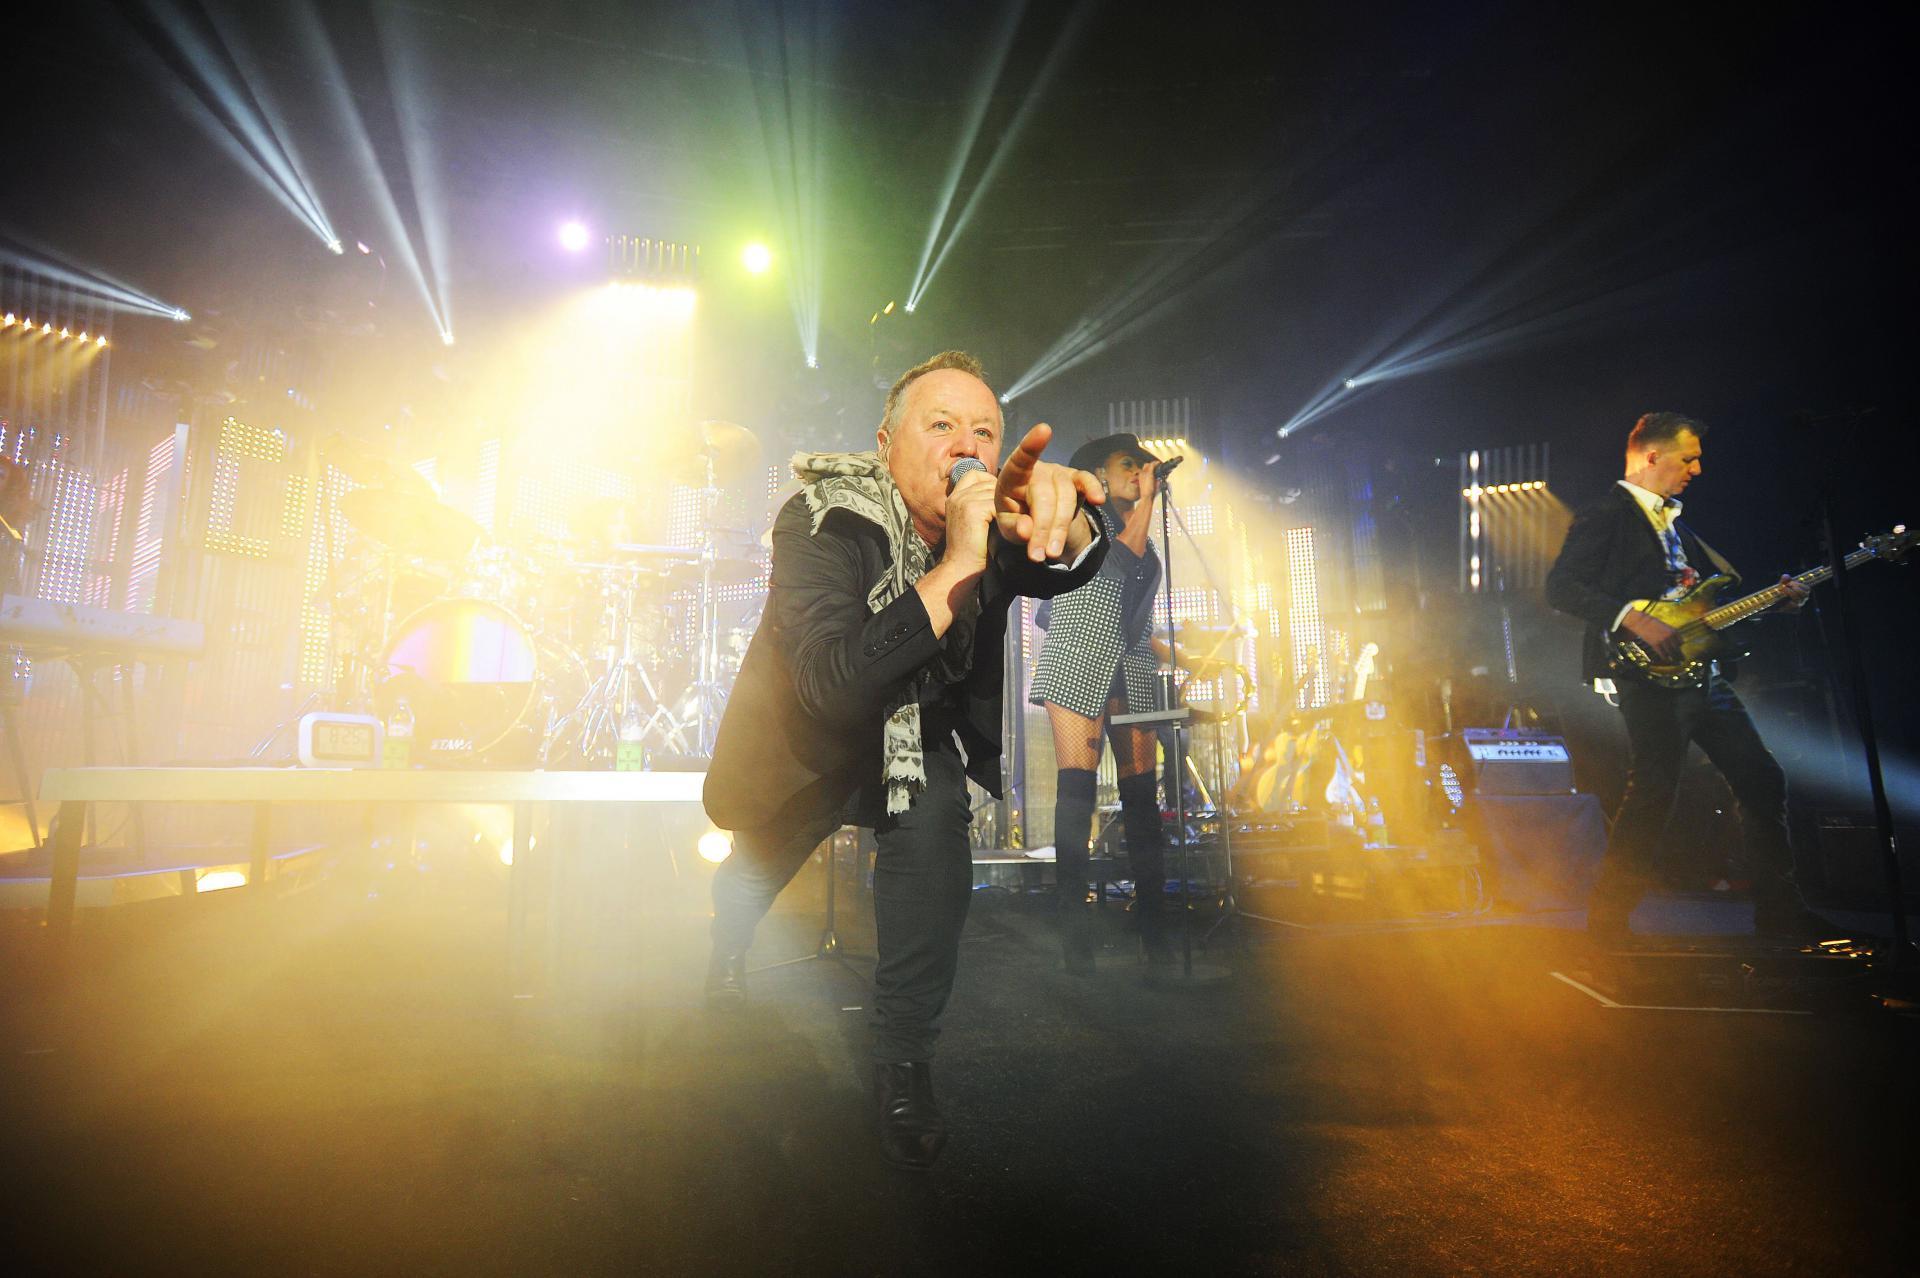 Koncert je besplatan i svi su dobro došli, kaže organizator Joe Bašić